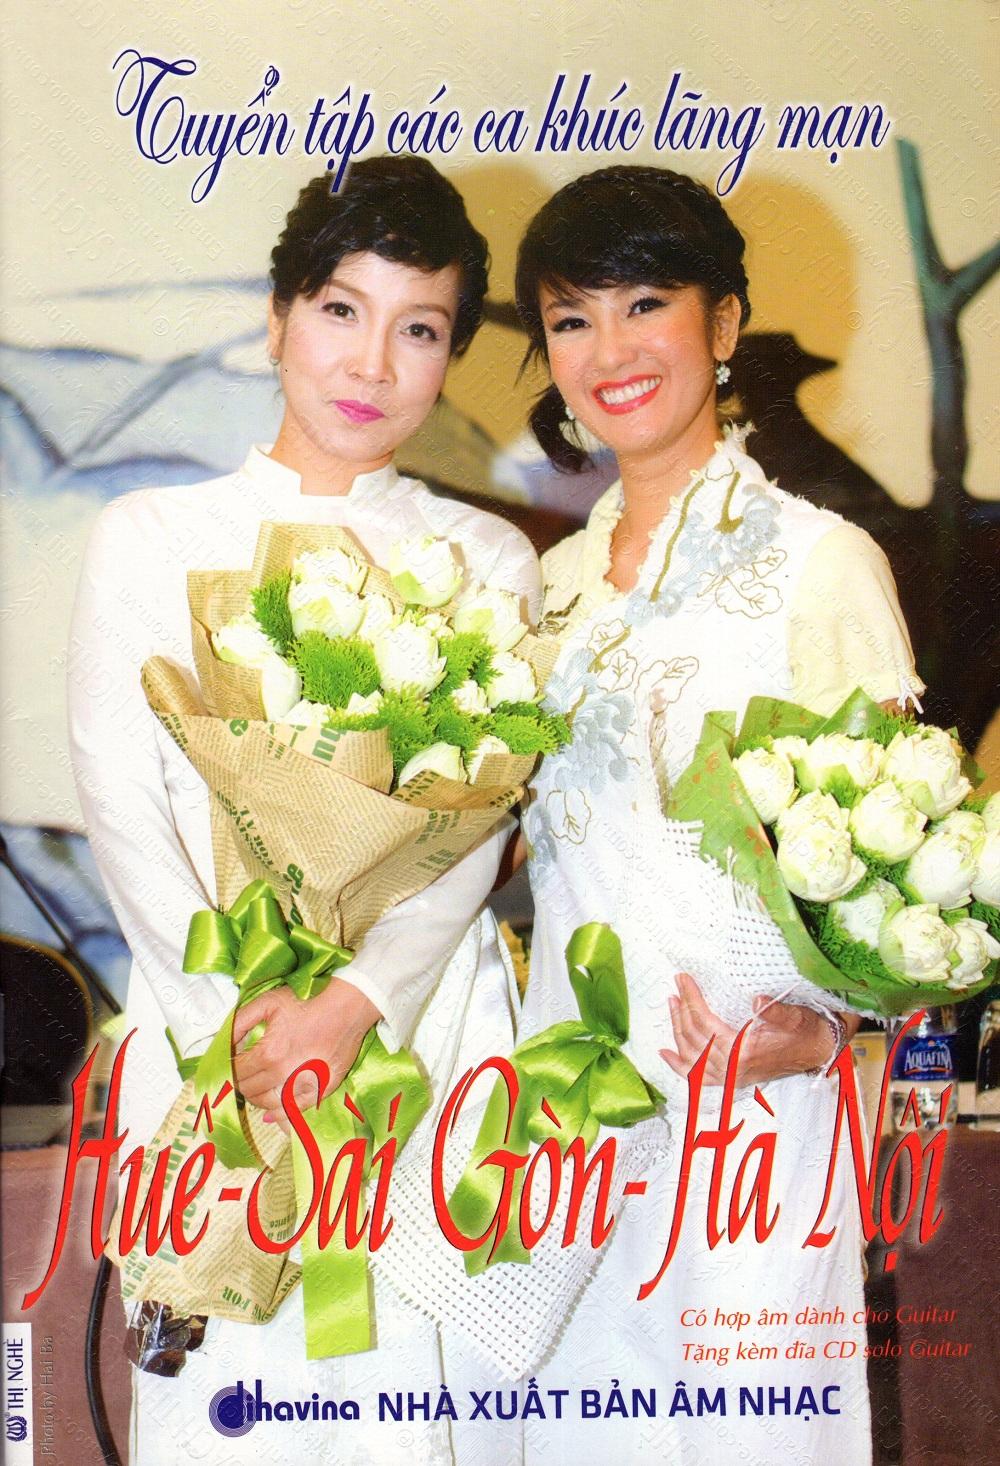 Bìa sách Tuyển Tập Các Ca Khúc Lãng Mạn: Huế - Sài Gòn - Hà Nội (Kèm CD)